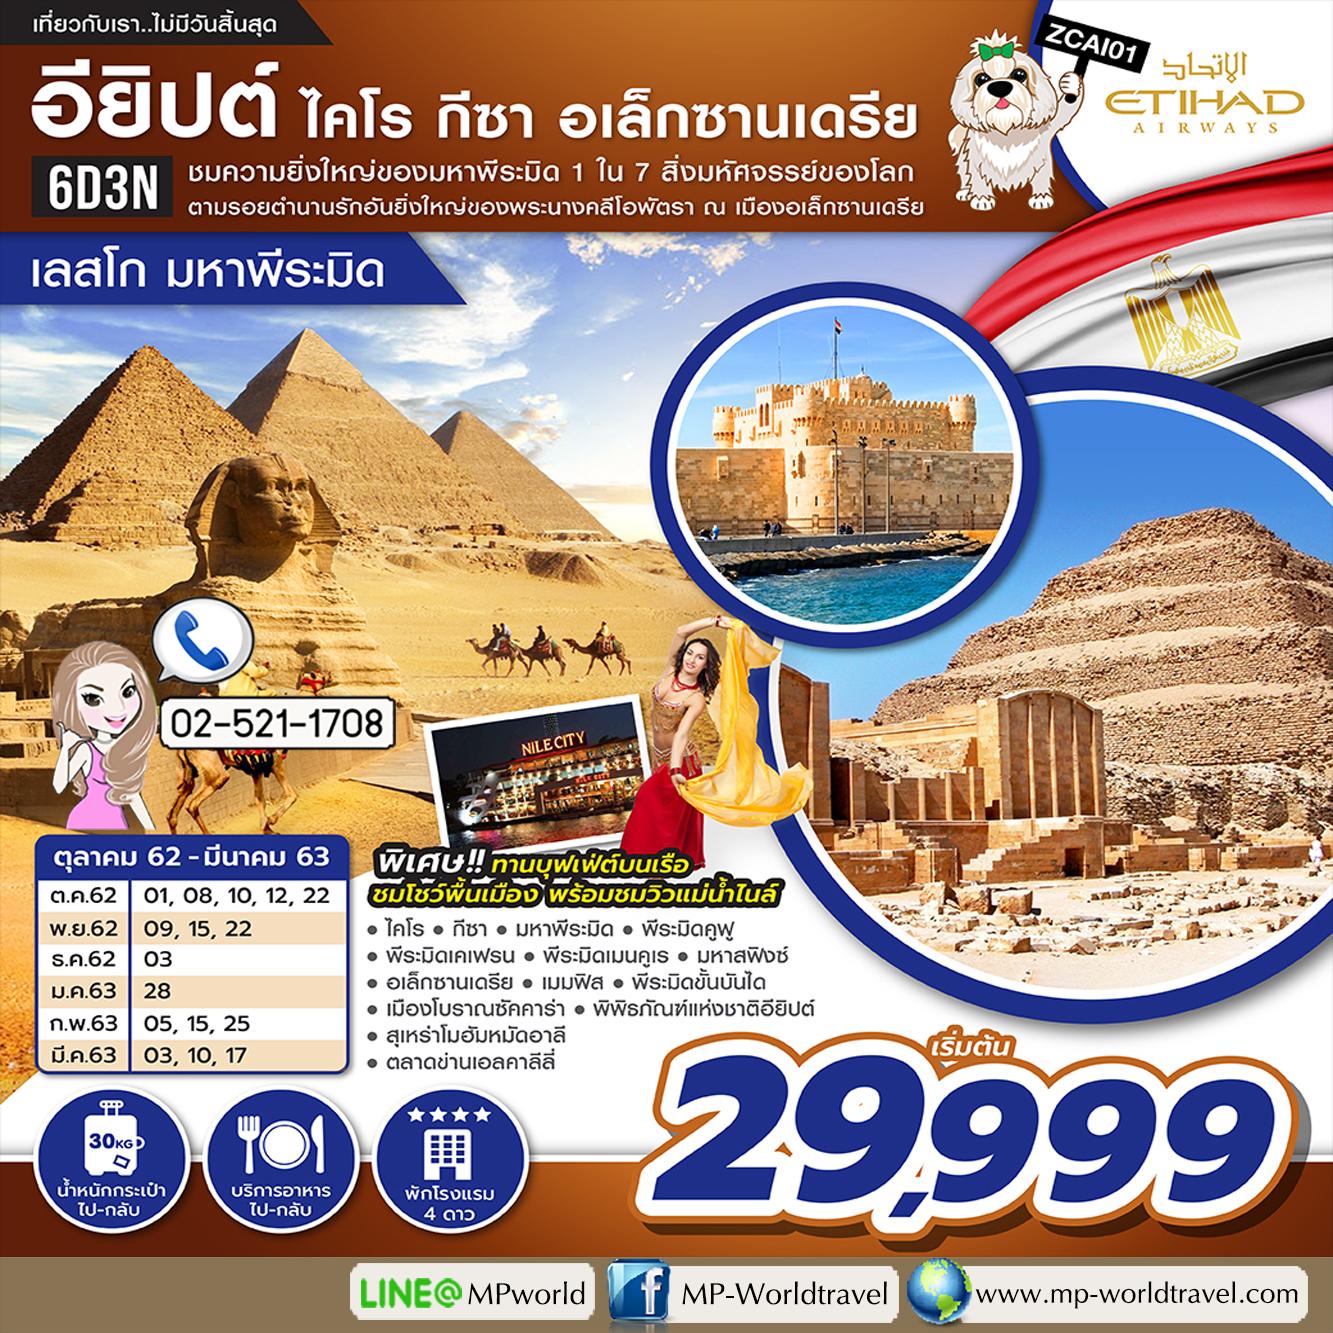 ZCAI03 อียิปต์ ไคโร อเล็กซานเดรีย [เลทส์โก มหาพีระมิด EP.3] 6D 3N EY